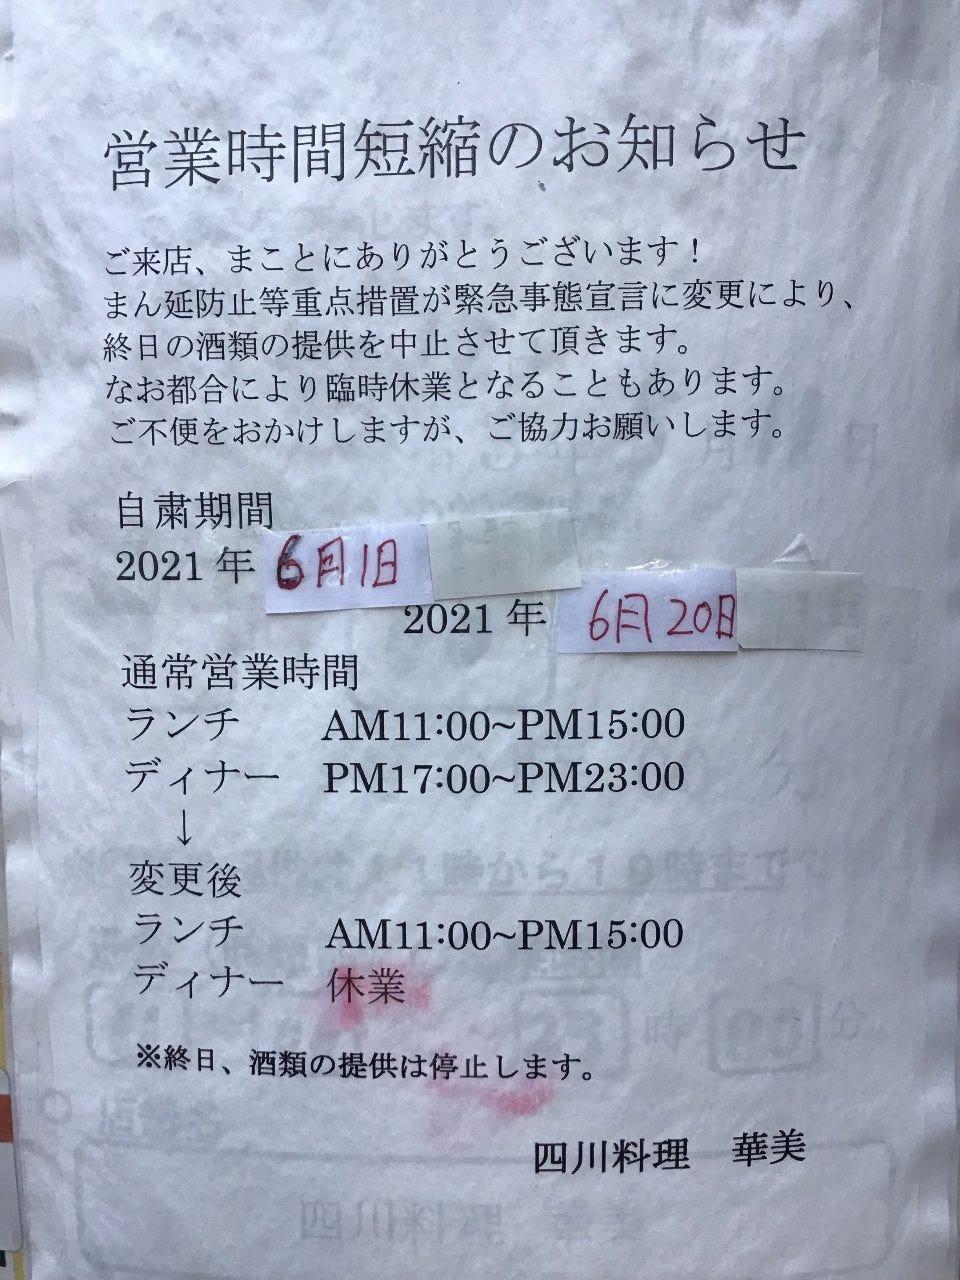 四川料理 華美 京橋